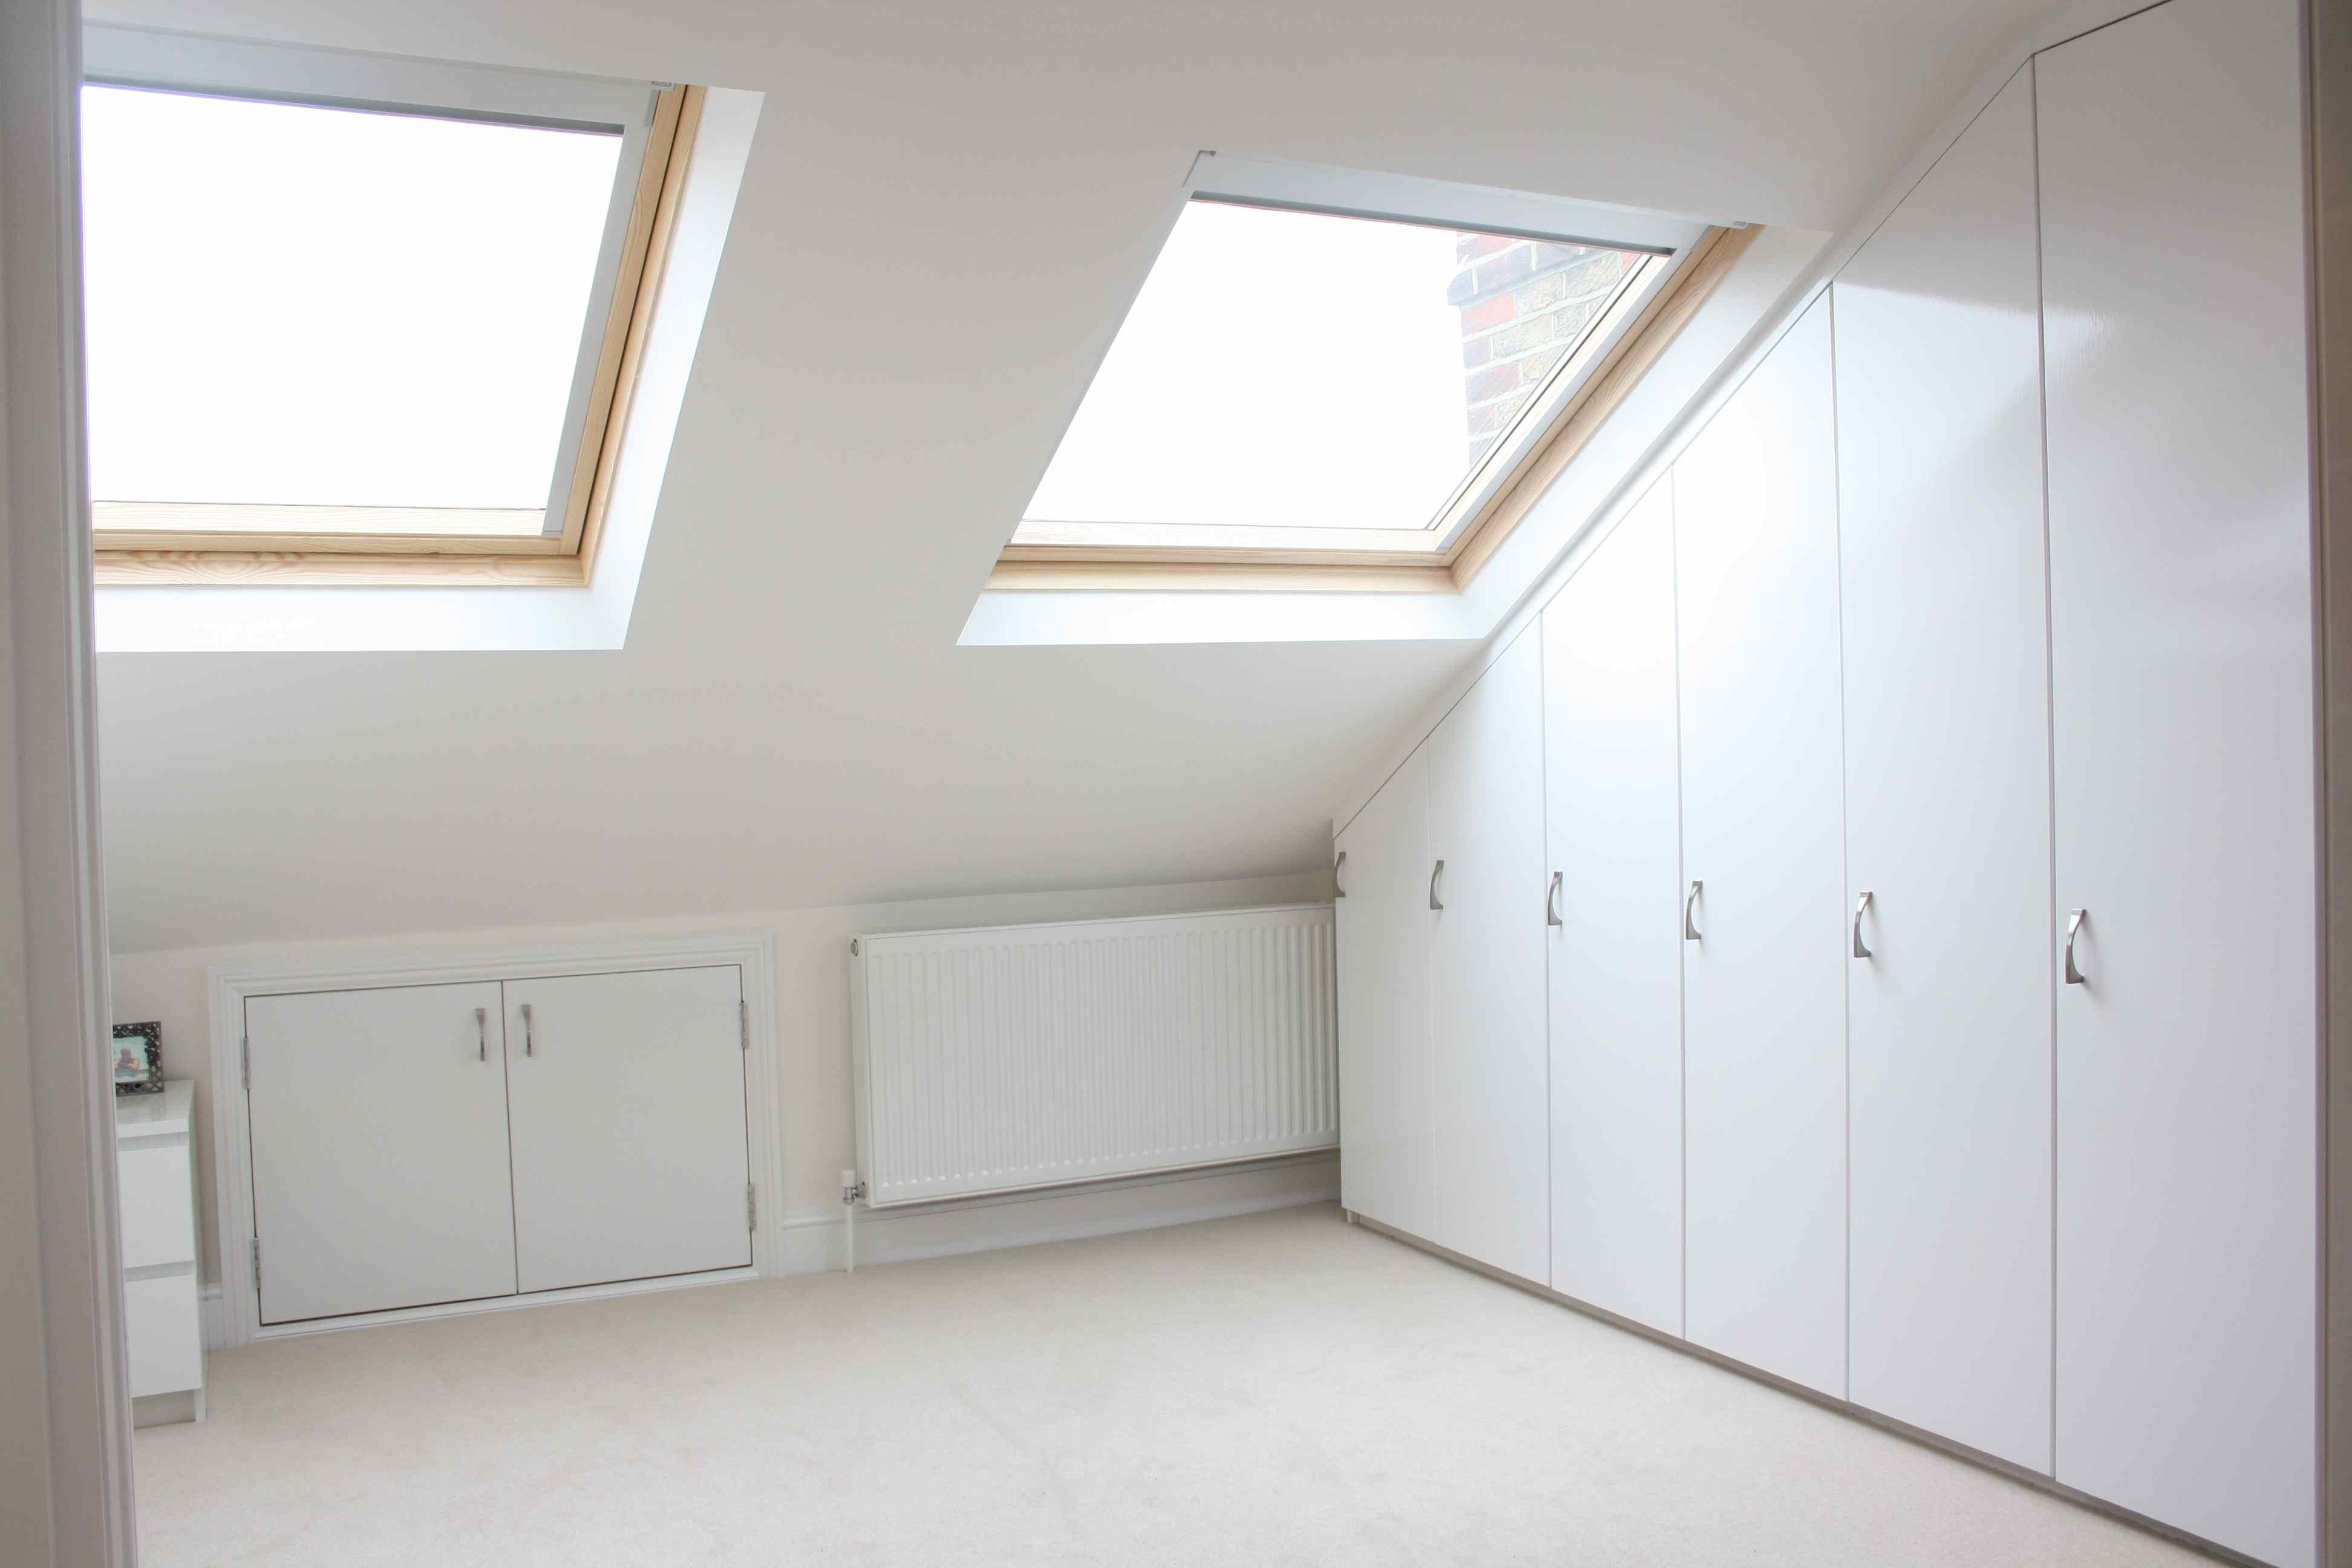 attic conversions plans ideas - Loft Conversion Interior Design Archives Simply Loft